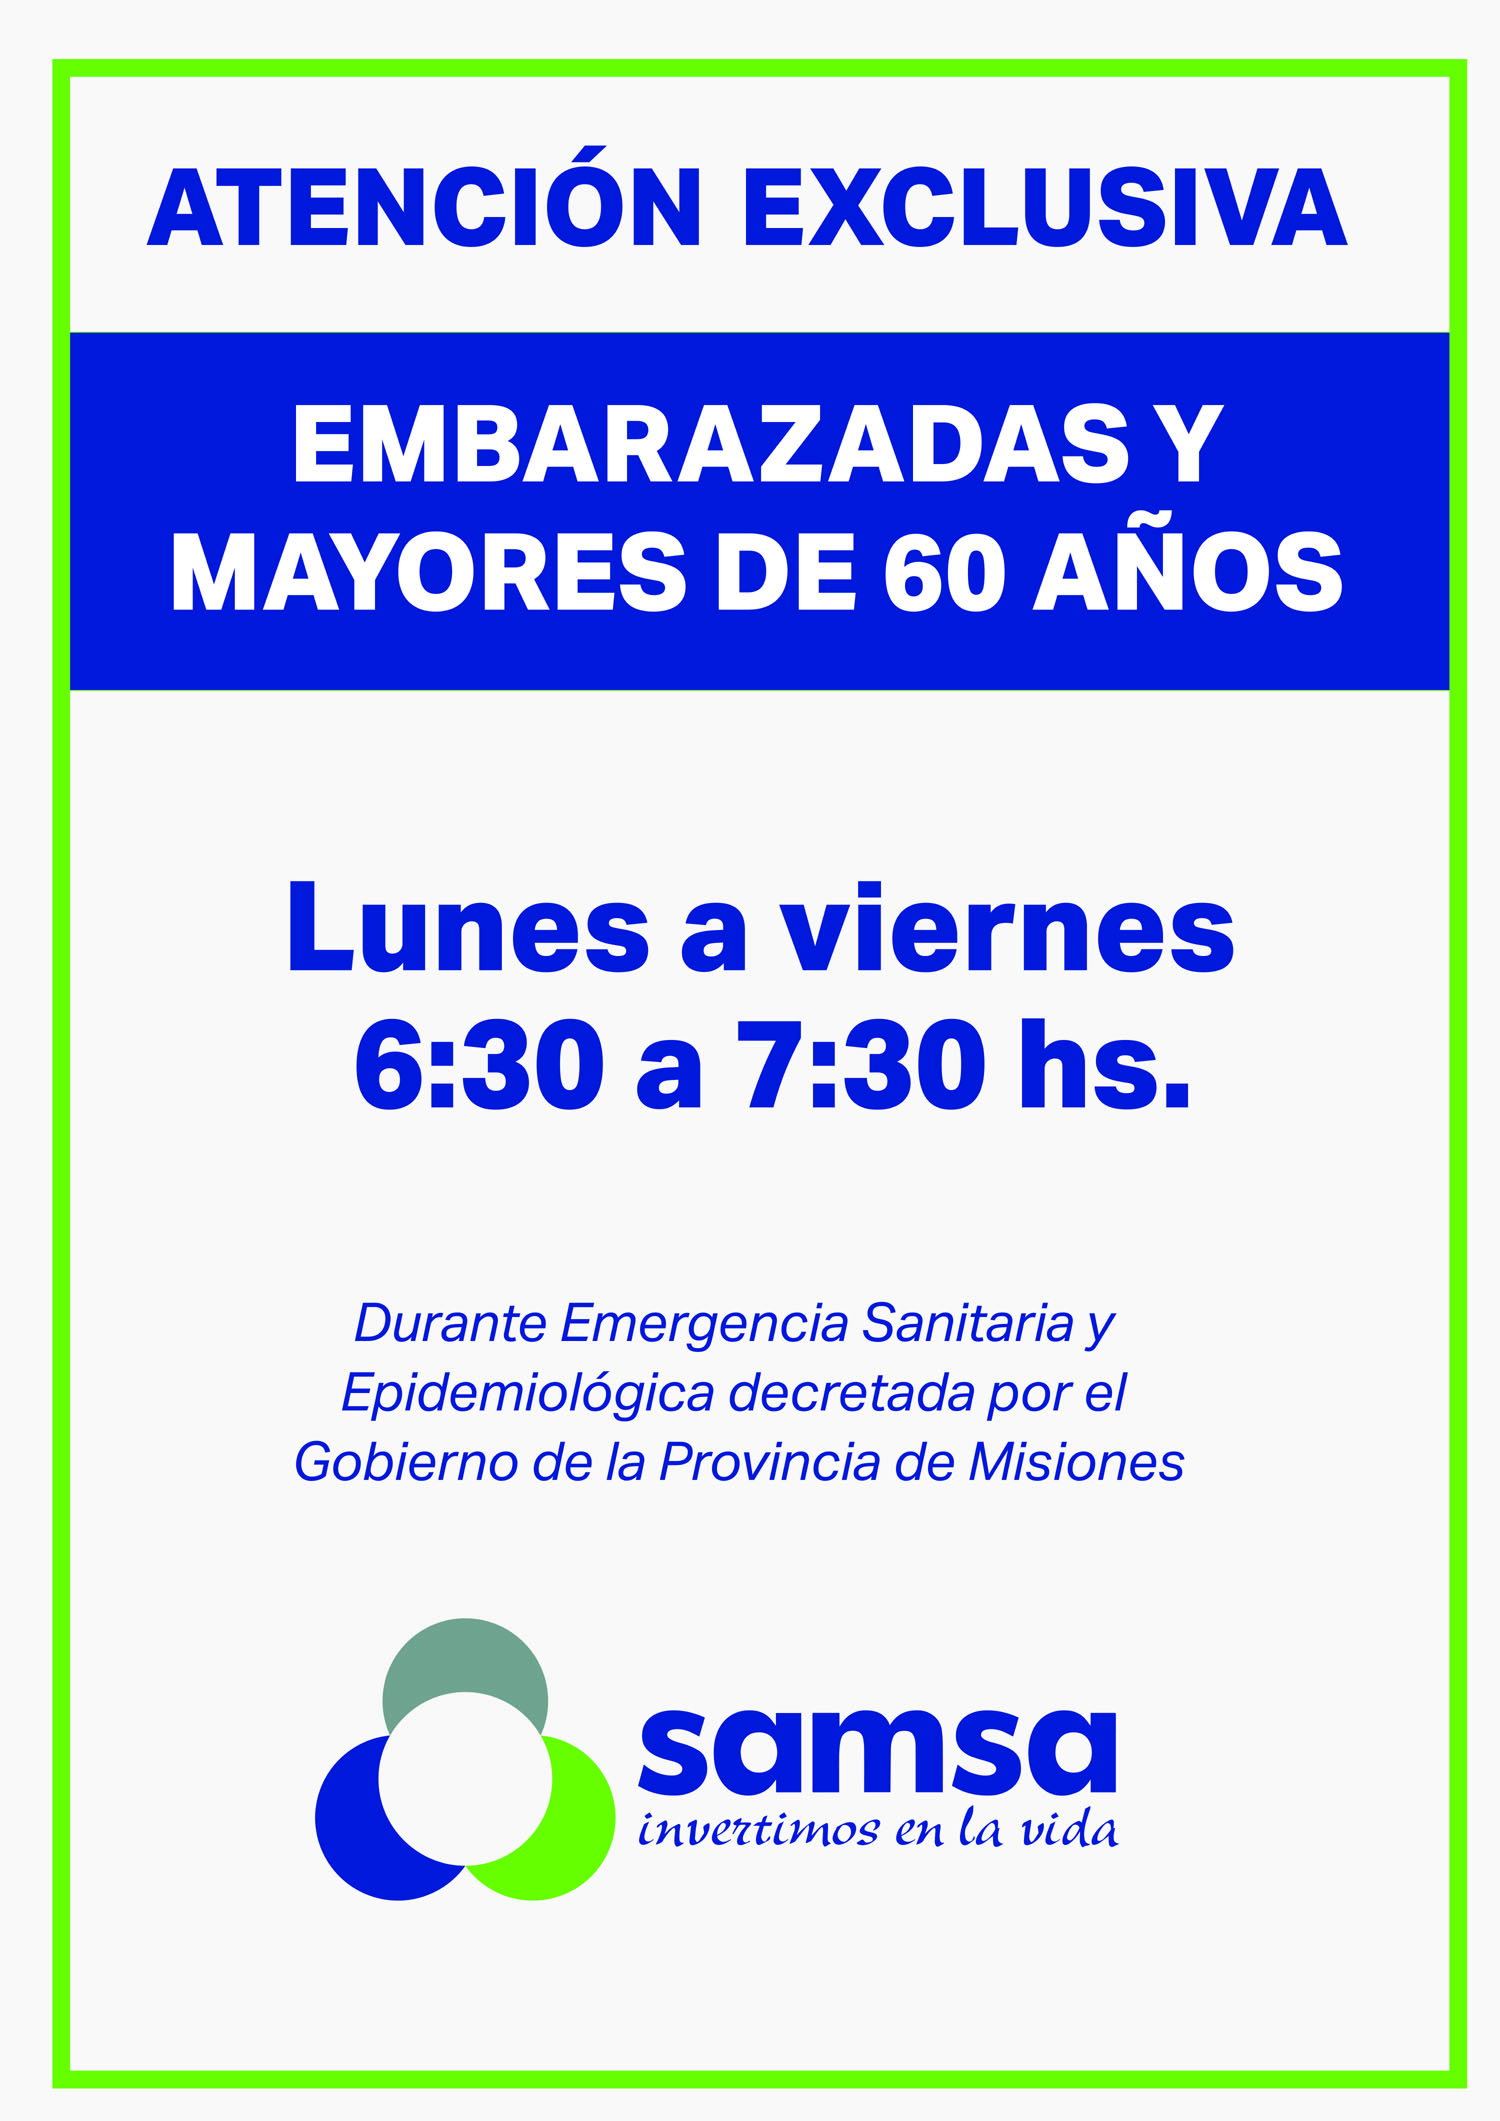 Samsa: atención exclusiva para mayores de 60 años y embarazadas por emergencia sanitaria